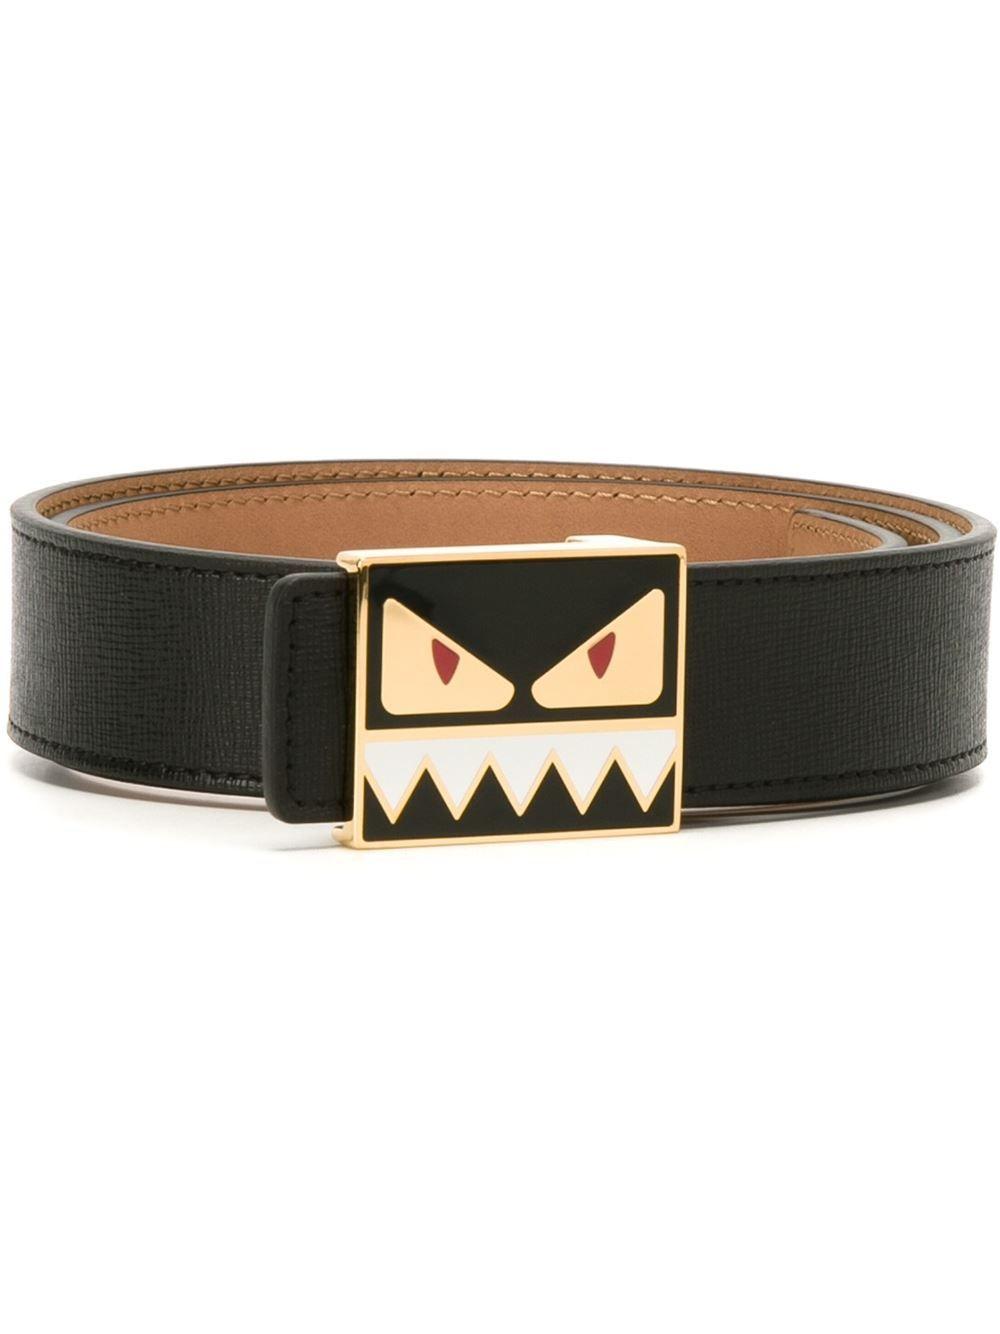 82a748298fb8 Fendi Bag Bugs belt